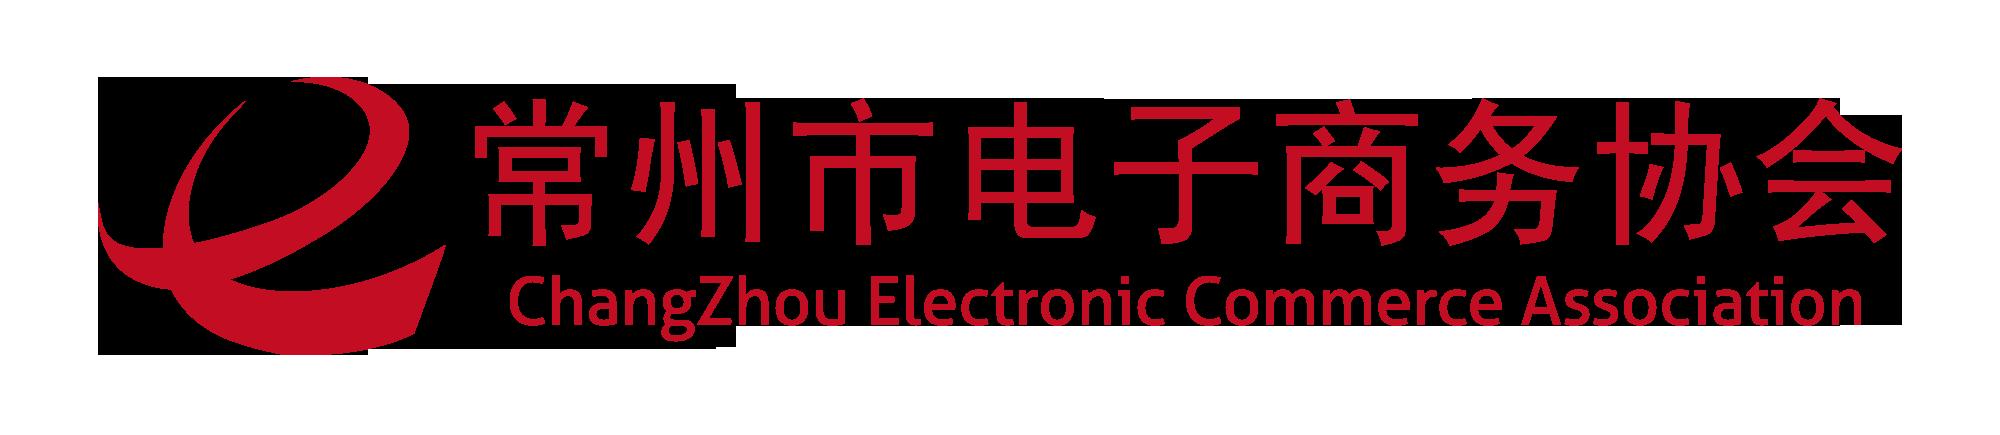 常州电商协会